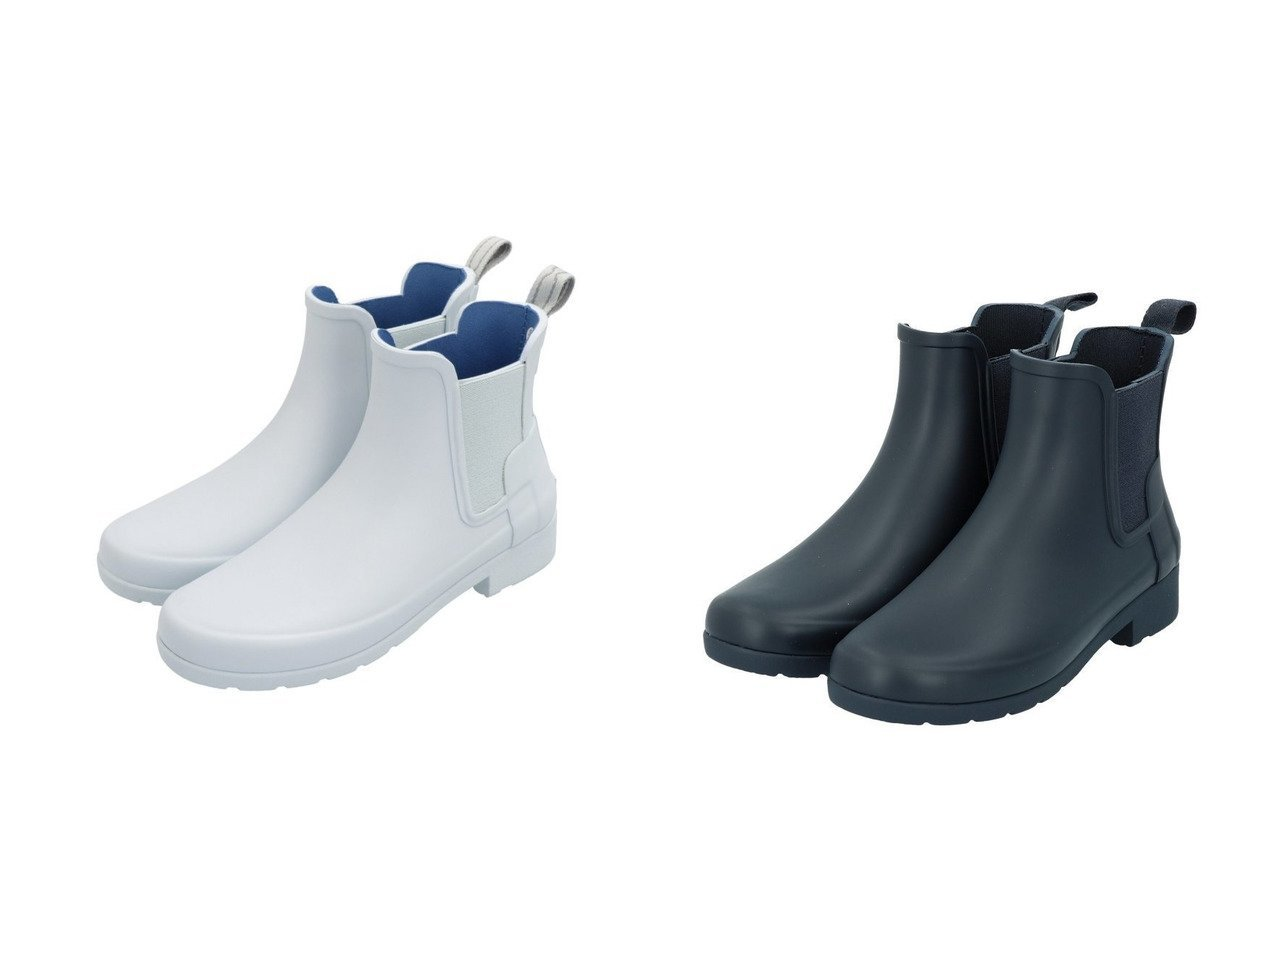 【HUNTER/ハンター】のW ORG REFINED CHELSEA シューズ・靴のおすすめ!人気、トレンド・レディースファッションの通販 おすすめで人気の流行・トレンド、ファッションの通販商品 メンズファッション・キッズファッション・インテリア・家具・レディースファッション・服の通販 founy(ファニー) https://founy.com/ ファッション Fashion レディースファッション WOMEN シューズ スリム フィット ライニング ラバー 定番 Standard |ID:crp329100000012952